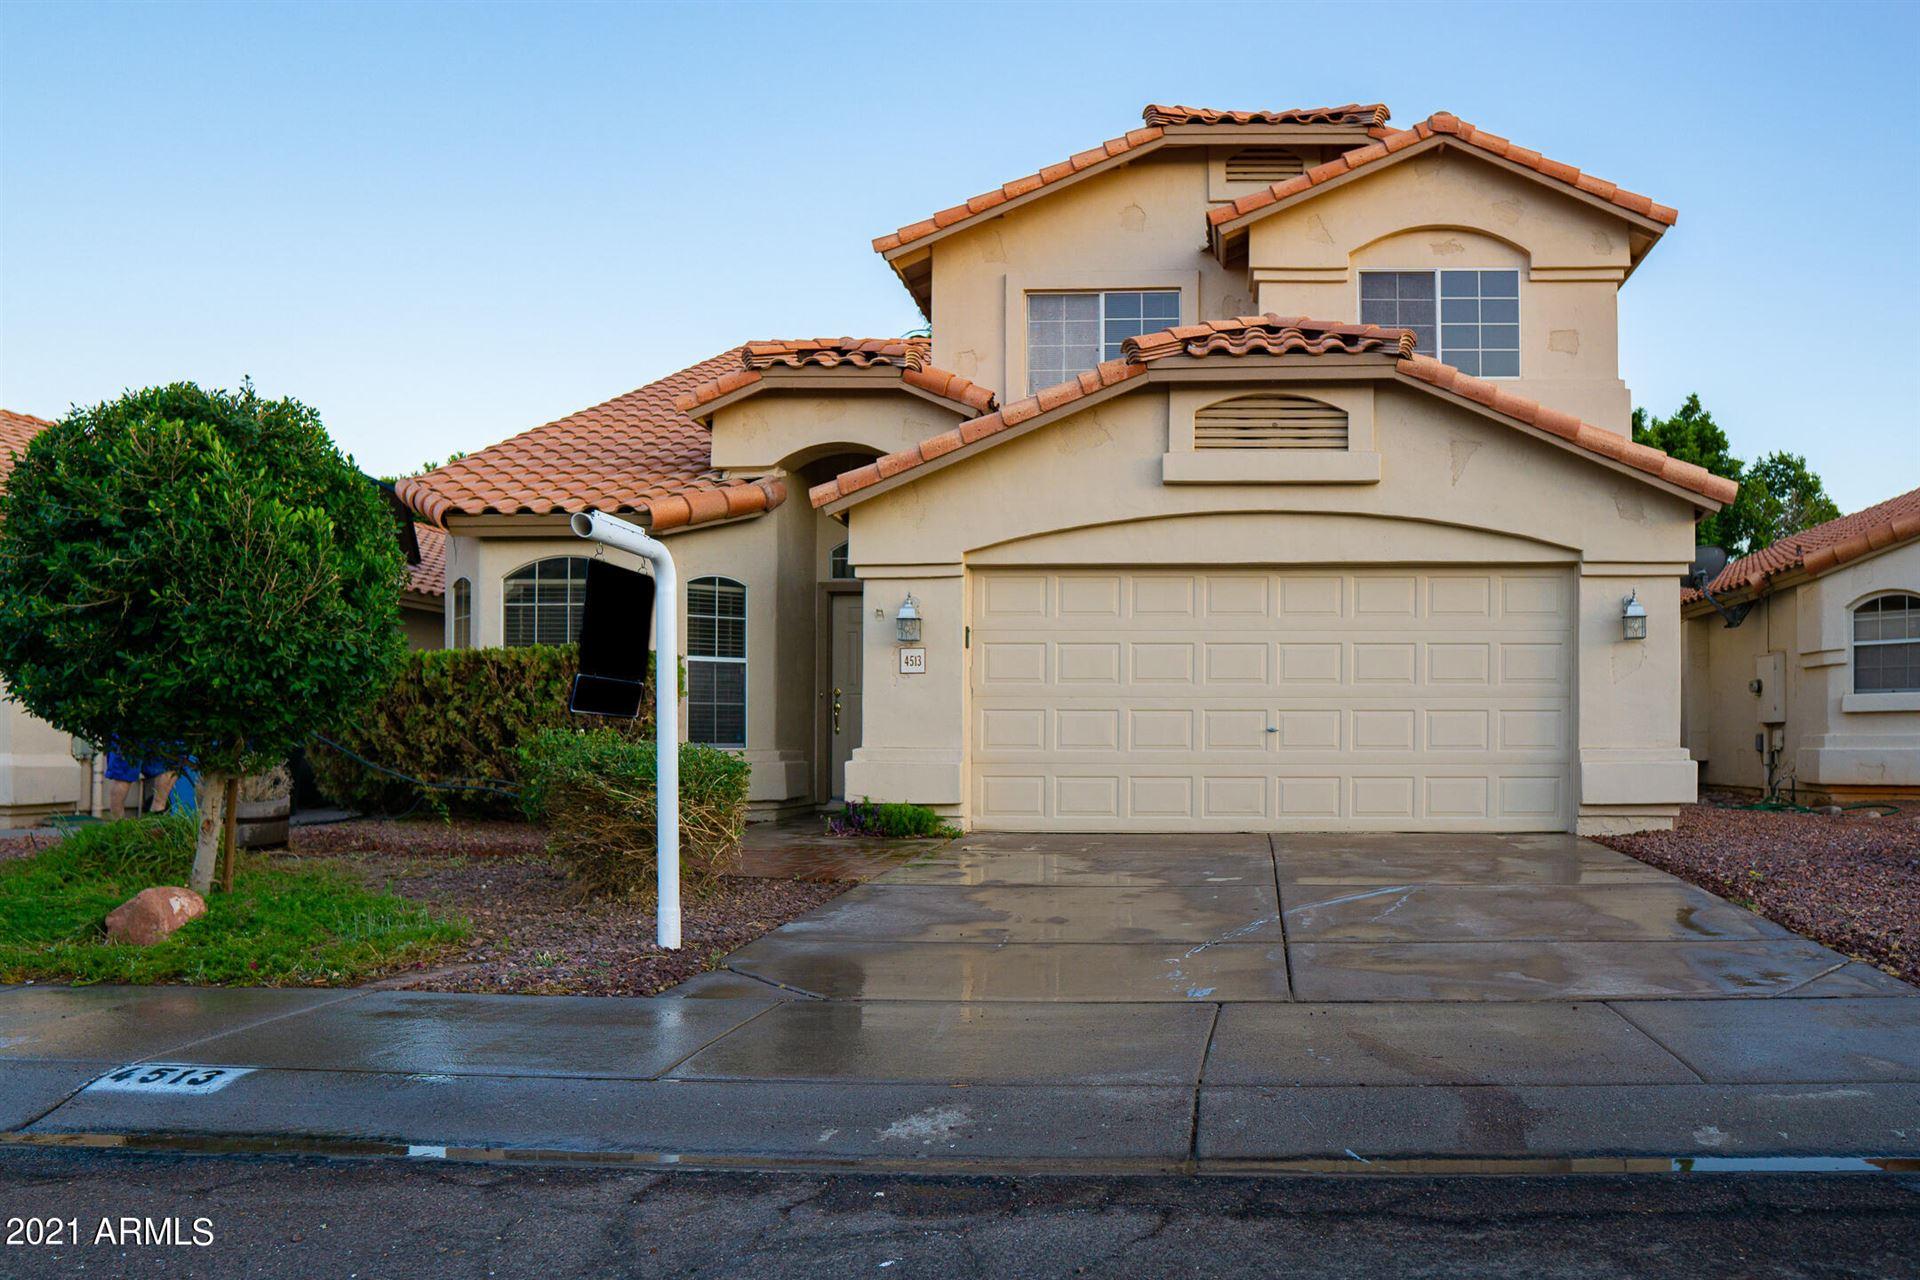 4513 E SOUTH FORK Drive, Phoenix, AZ 85044 - MLS#: 6245830